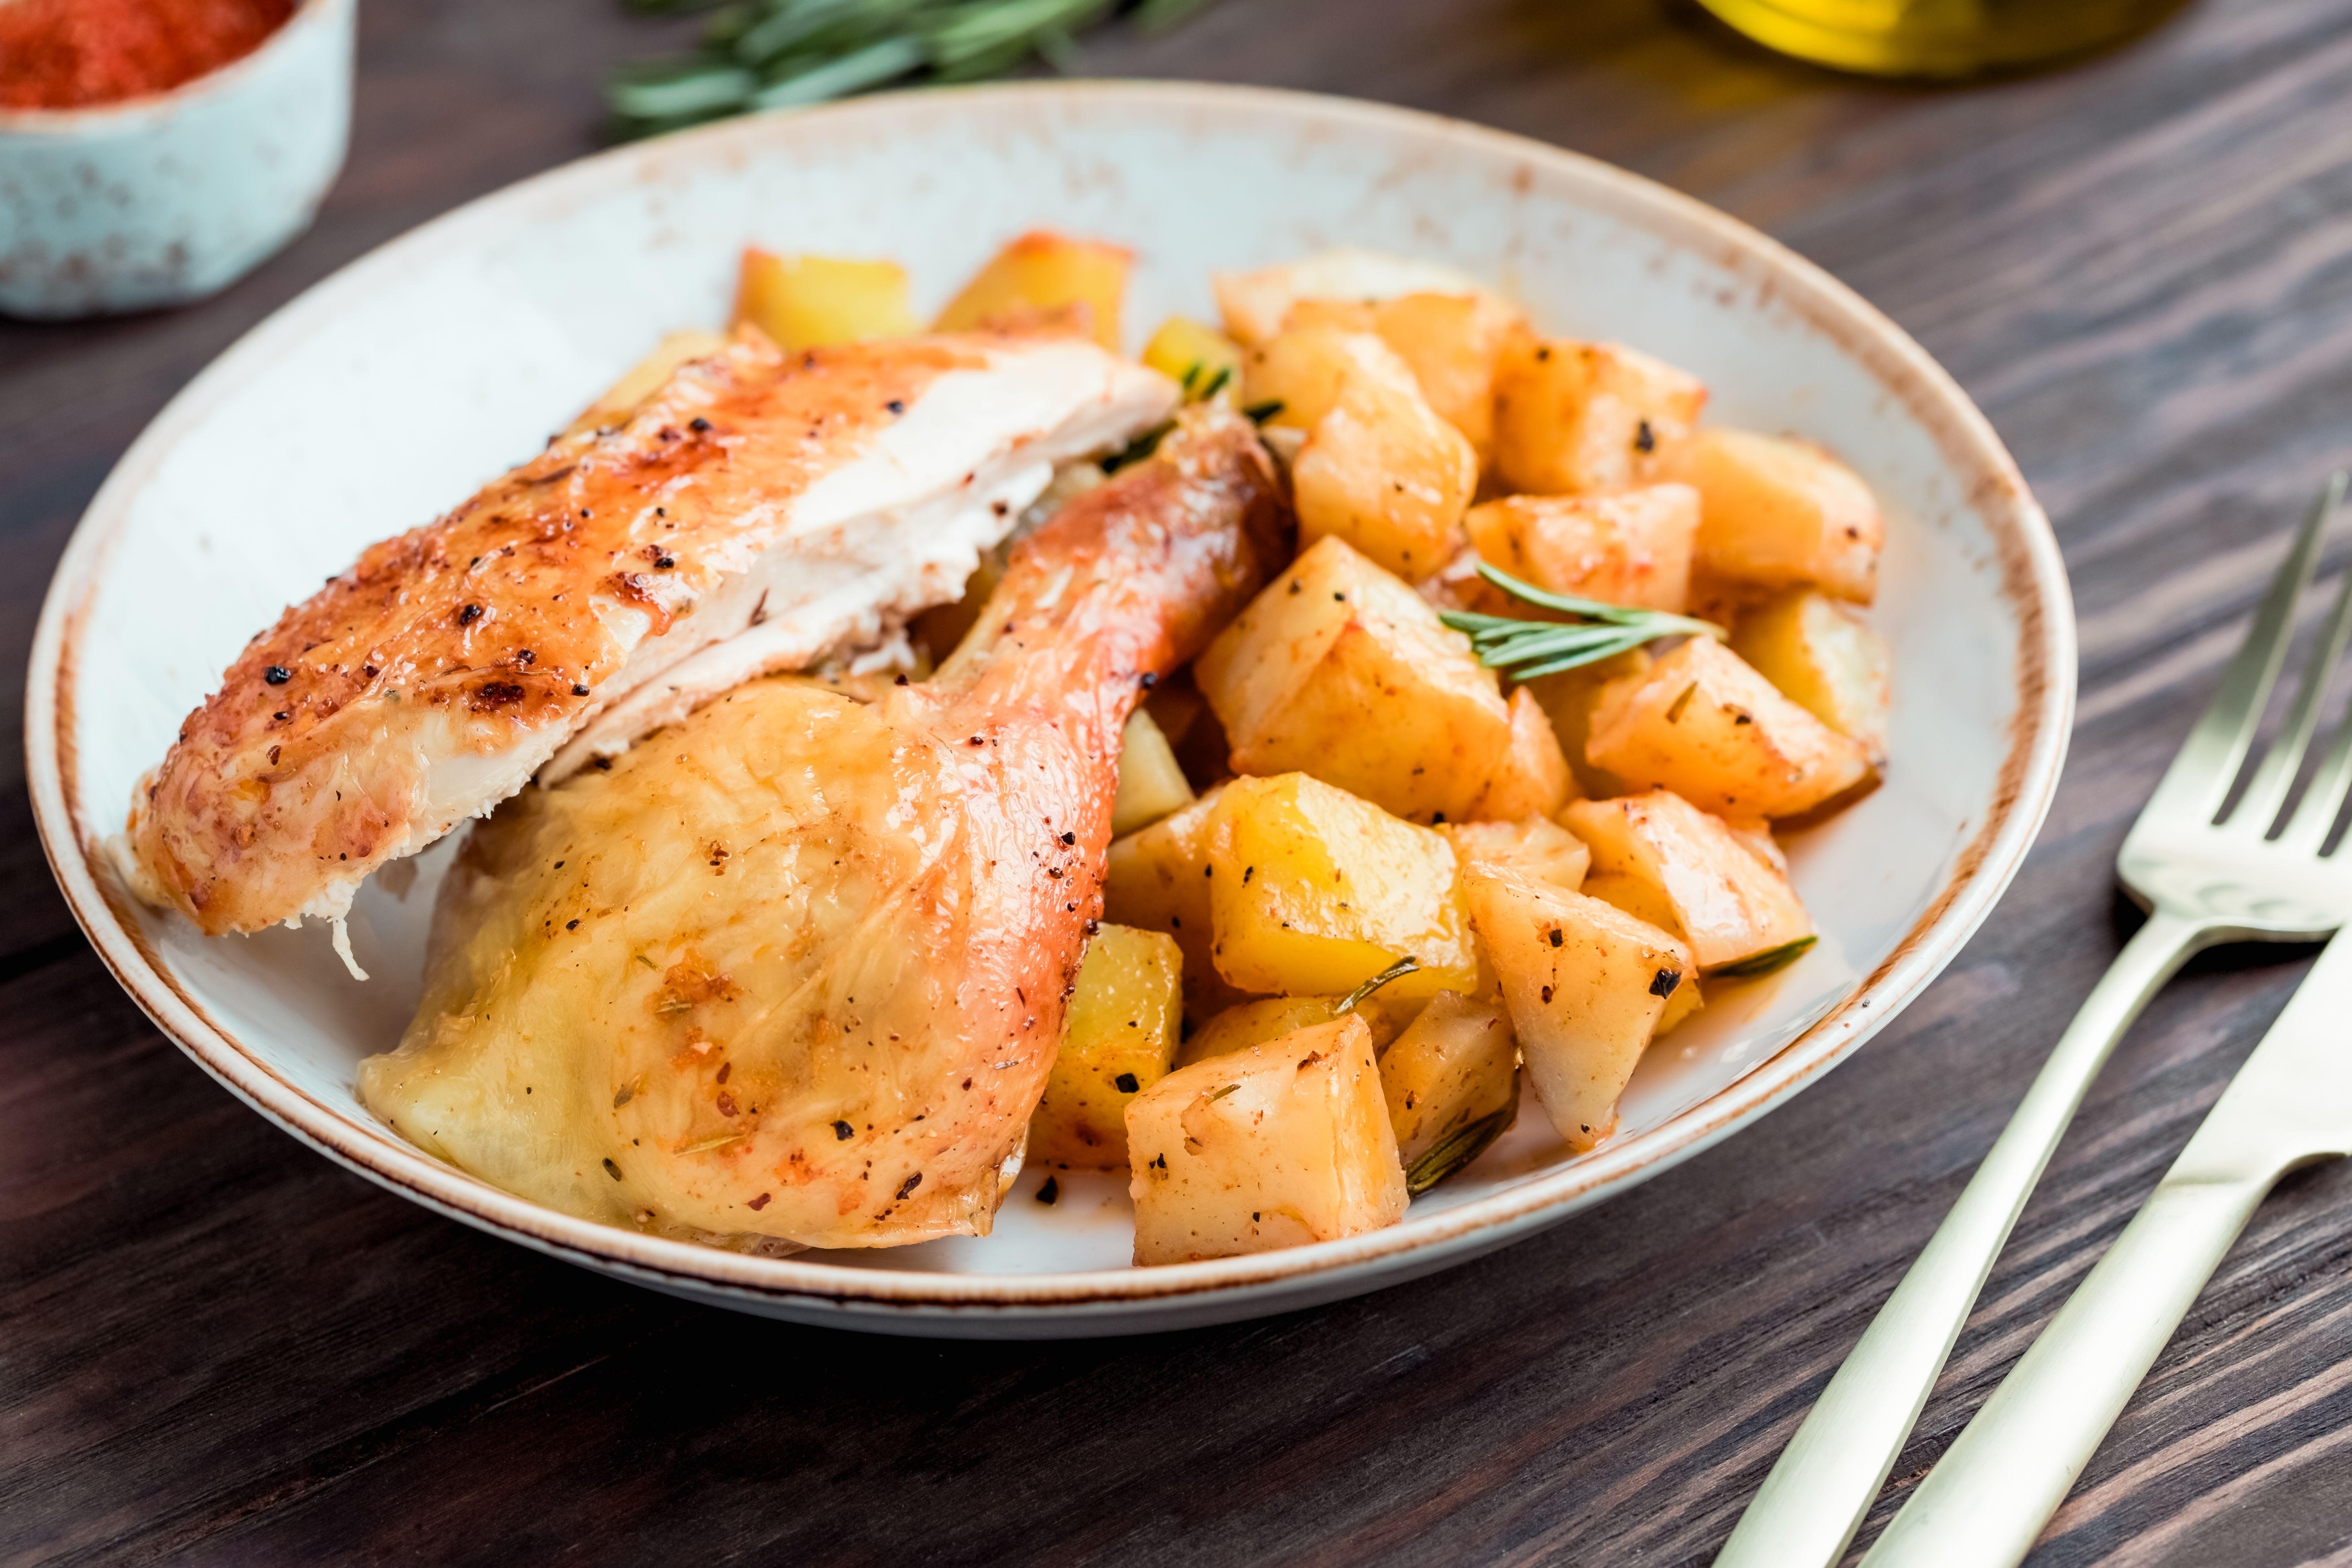 Chicken in dish